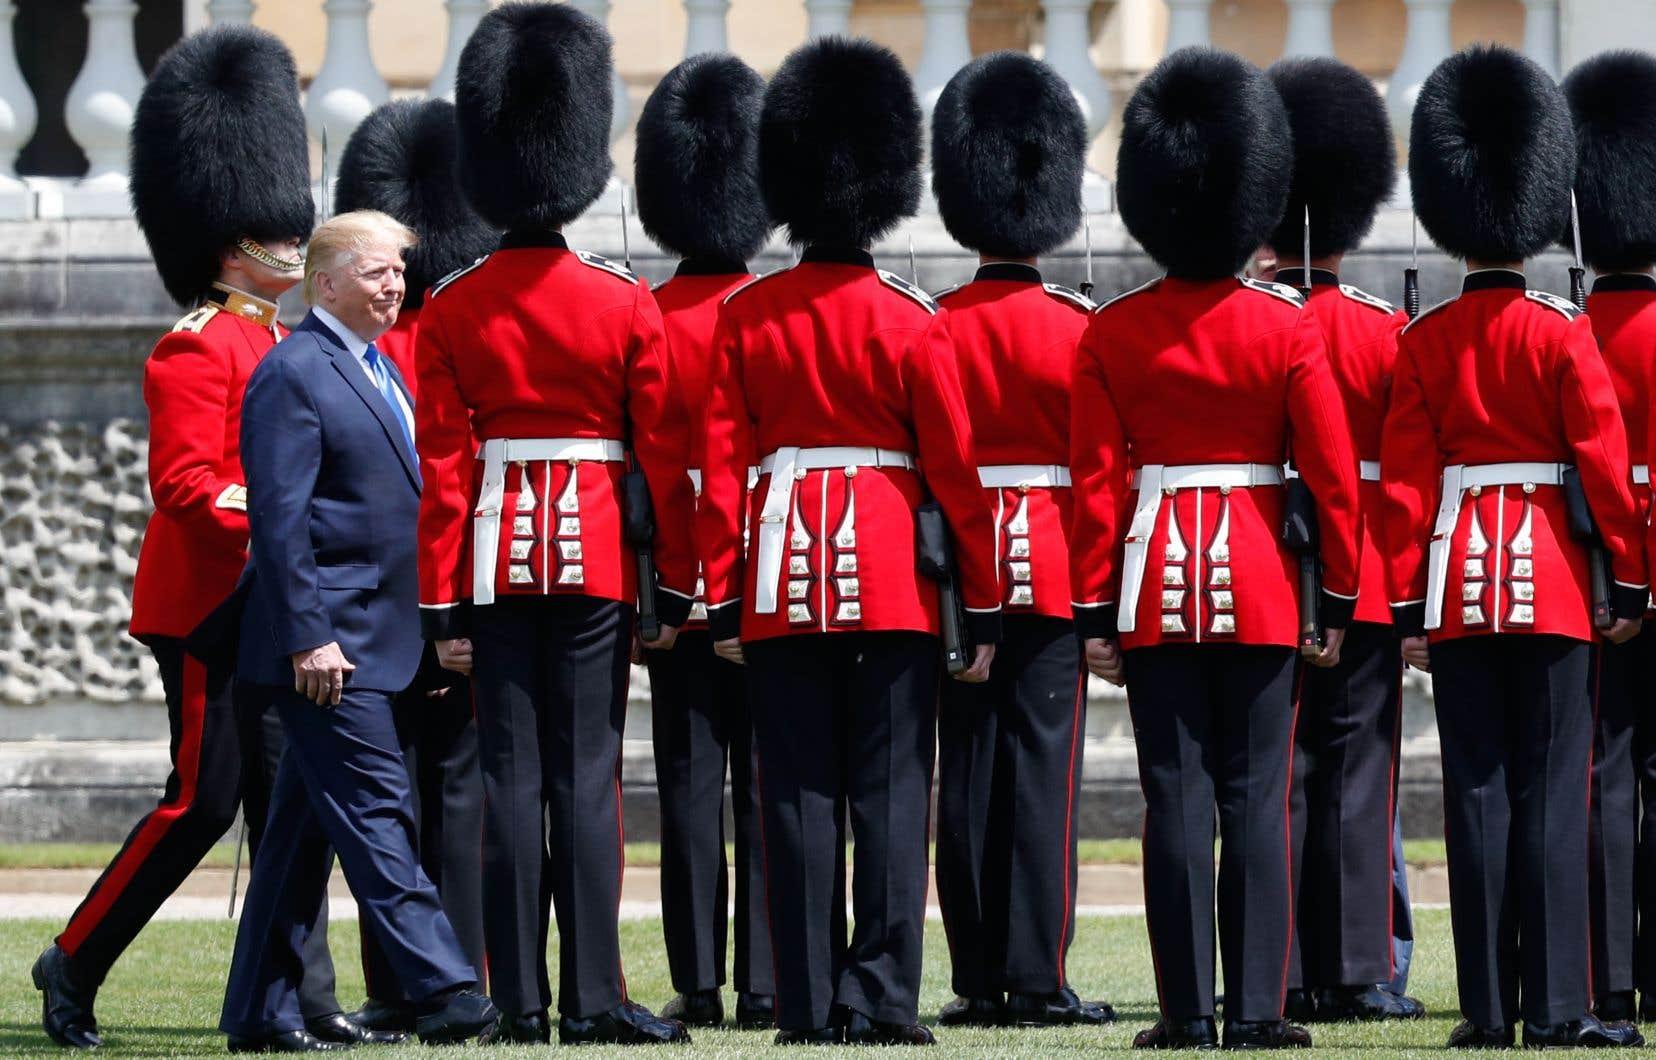 Le président américain, Donald Trump, inspecte la garde d'honneur lors d'une cérémonie de bienvenue au palais de Buckingham, dans le centre de Londres.